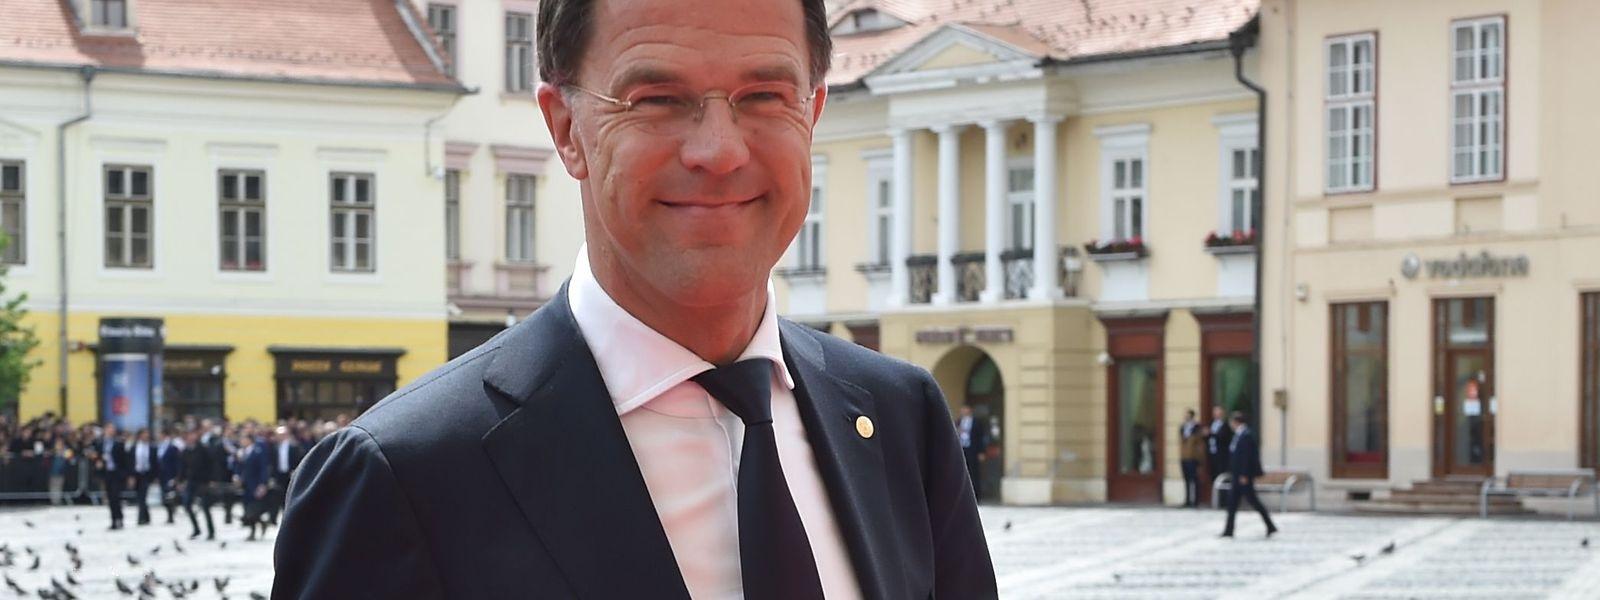 Das Lachen dürfte Ministerpräsident Mark Rutte mittlerweile vergangen sein nach seinem Faux-Pas im Vorfeld der Wahlen.